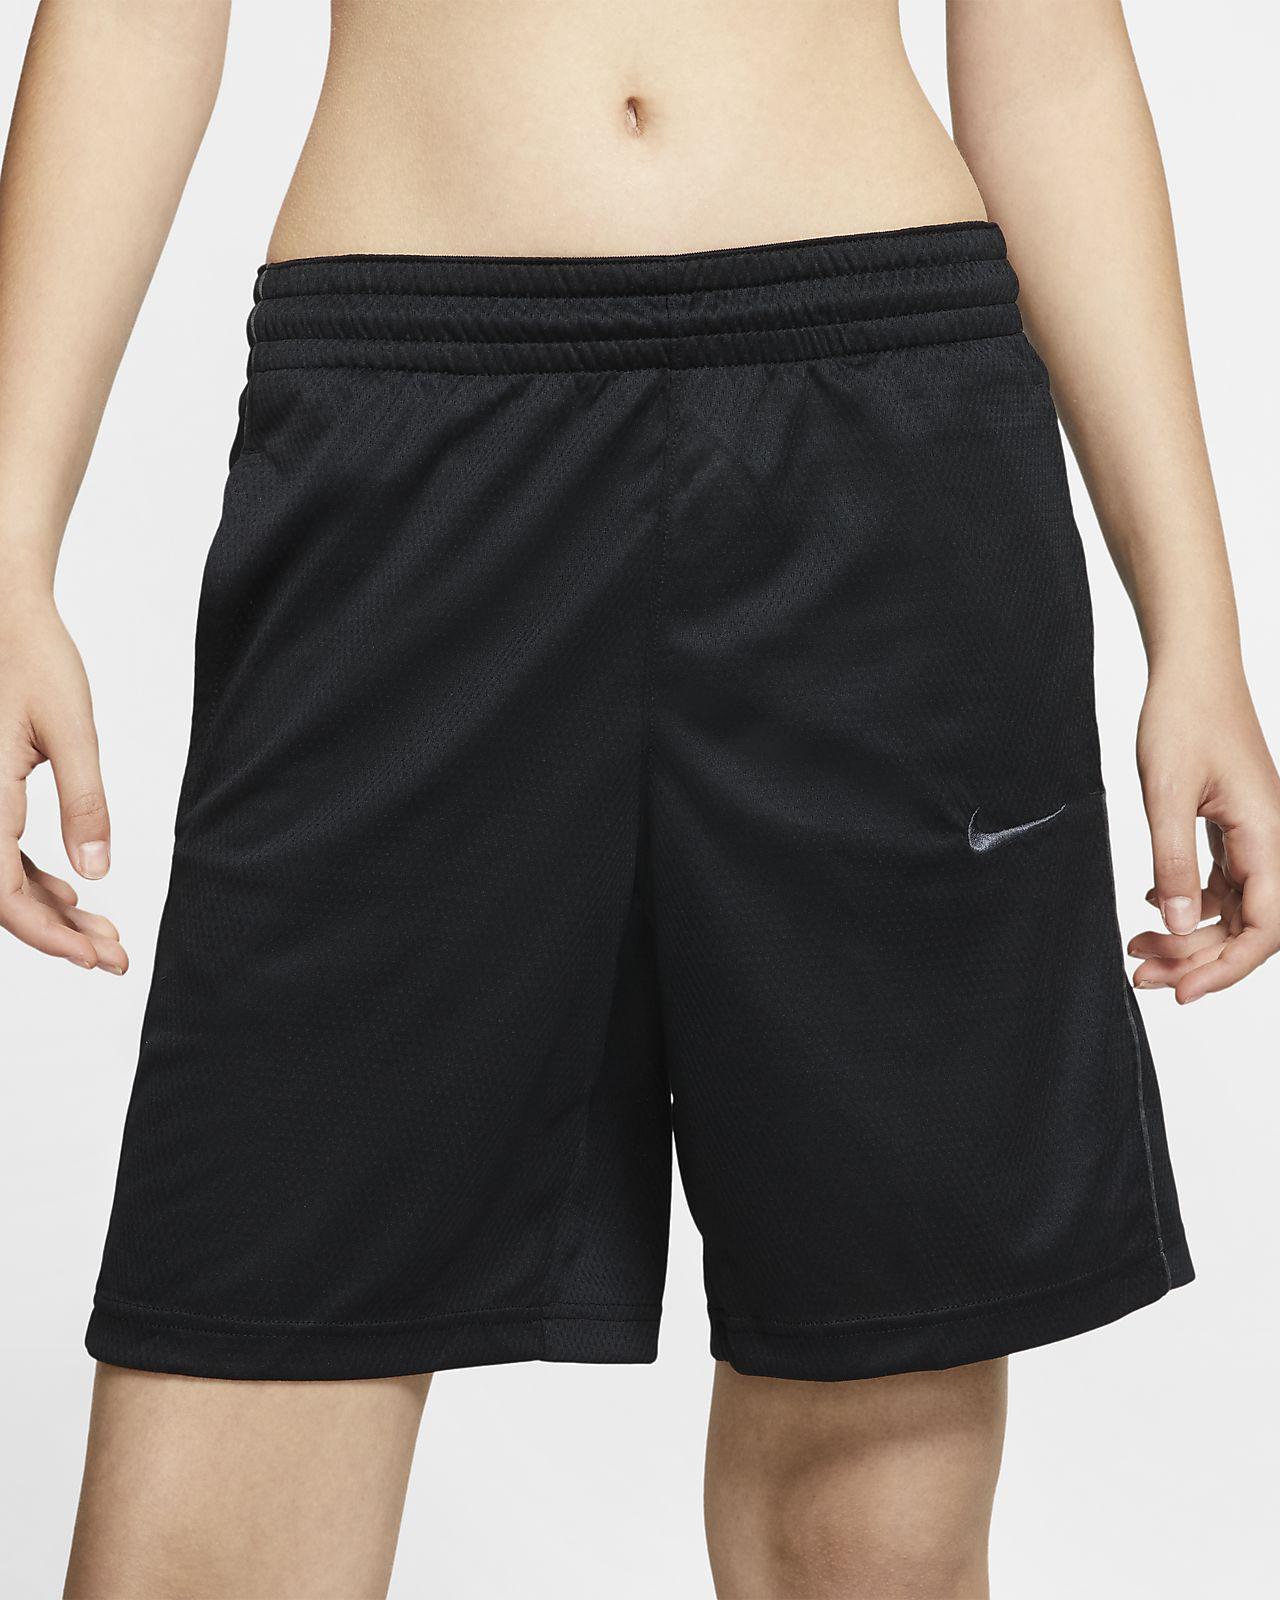 Shorts de básquetbol para mujer Nike Dri-FIT